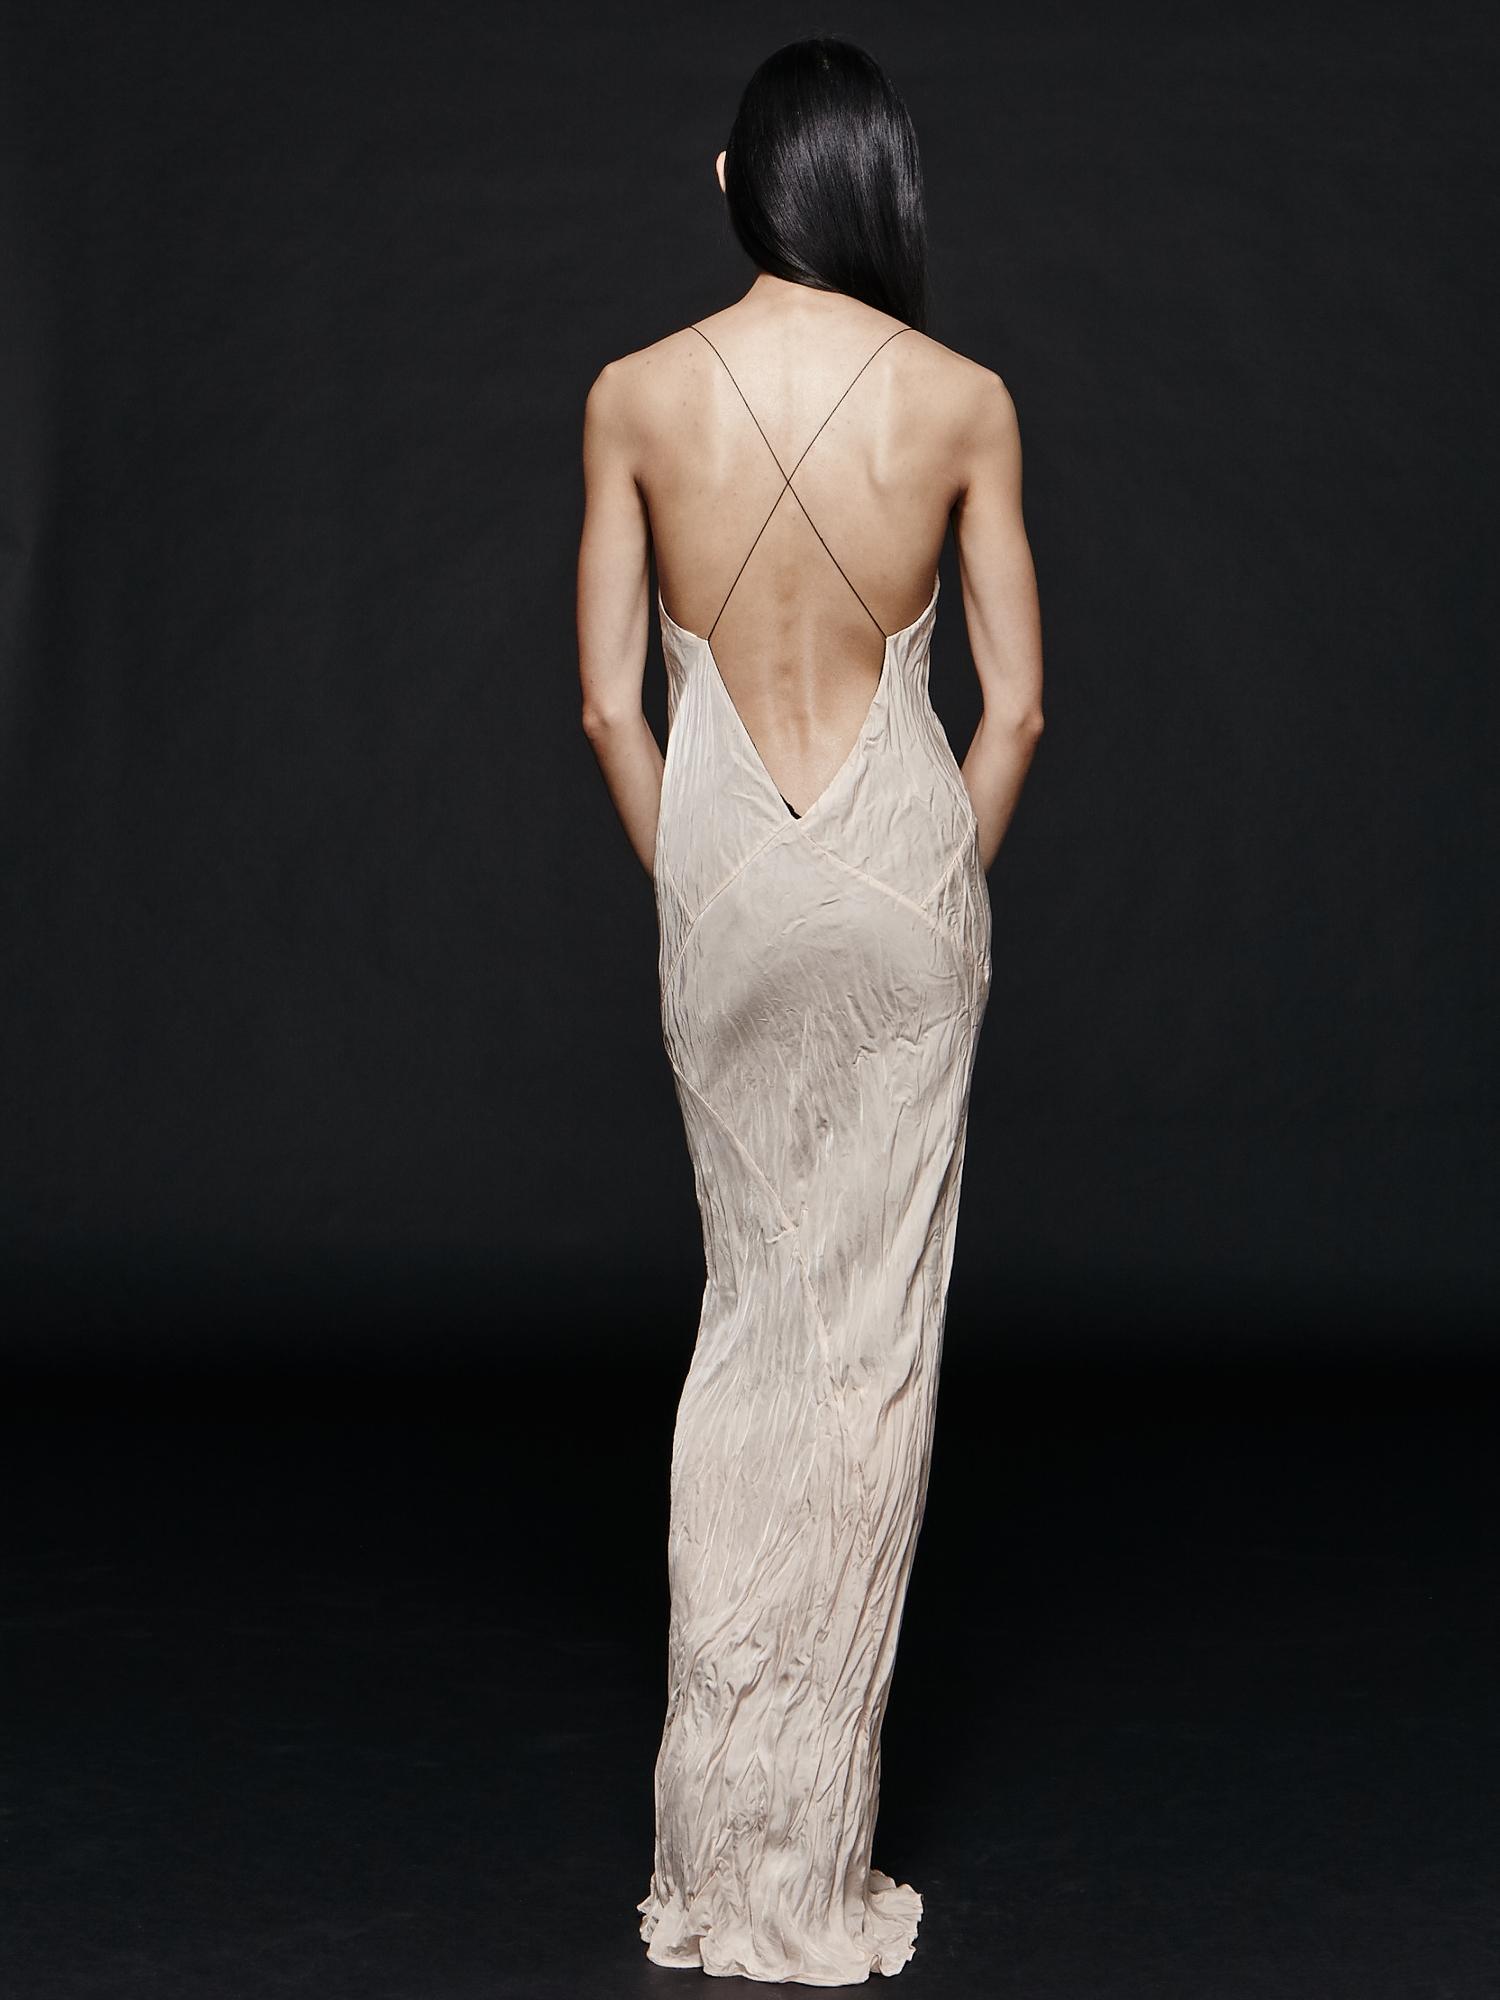 Long Plunge Dress - Blush    TITANIA INGLIS 422a8664a